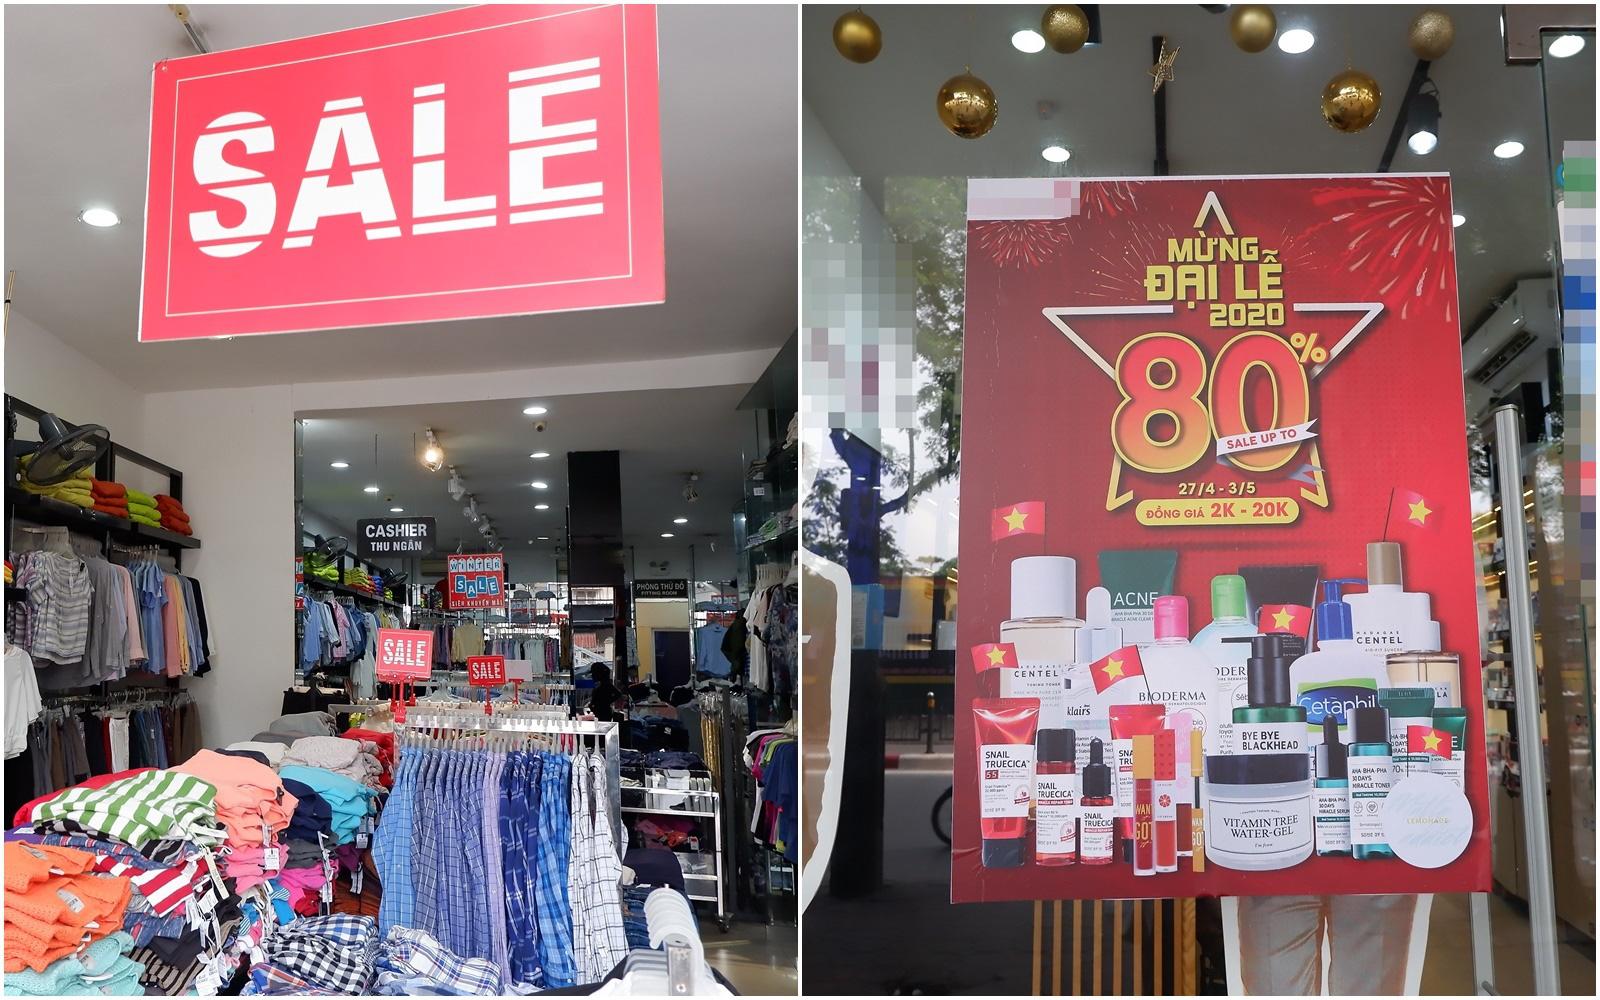 Hà Nội: Tranh thủ dịp nghỉ lễ chị em ghé ngay phố thời trang mua sắm vì đang có hàng loạt chương trình giảm giá cao nhất tới 80% từ thời trang cho tới mỹ phẩm